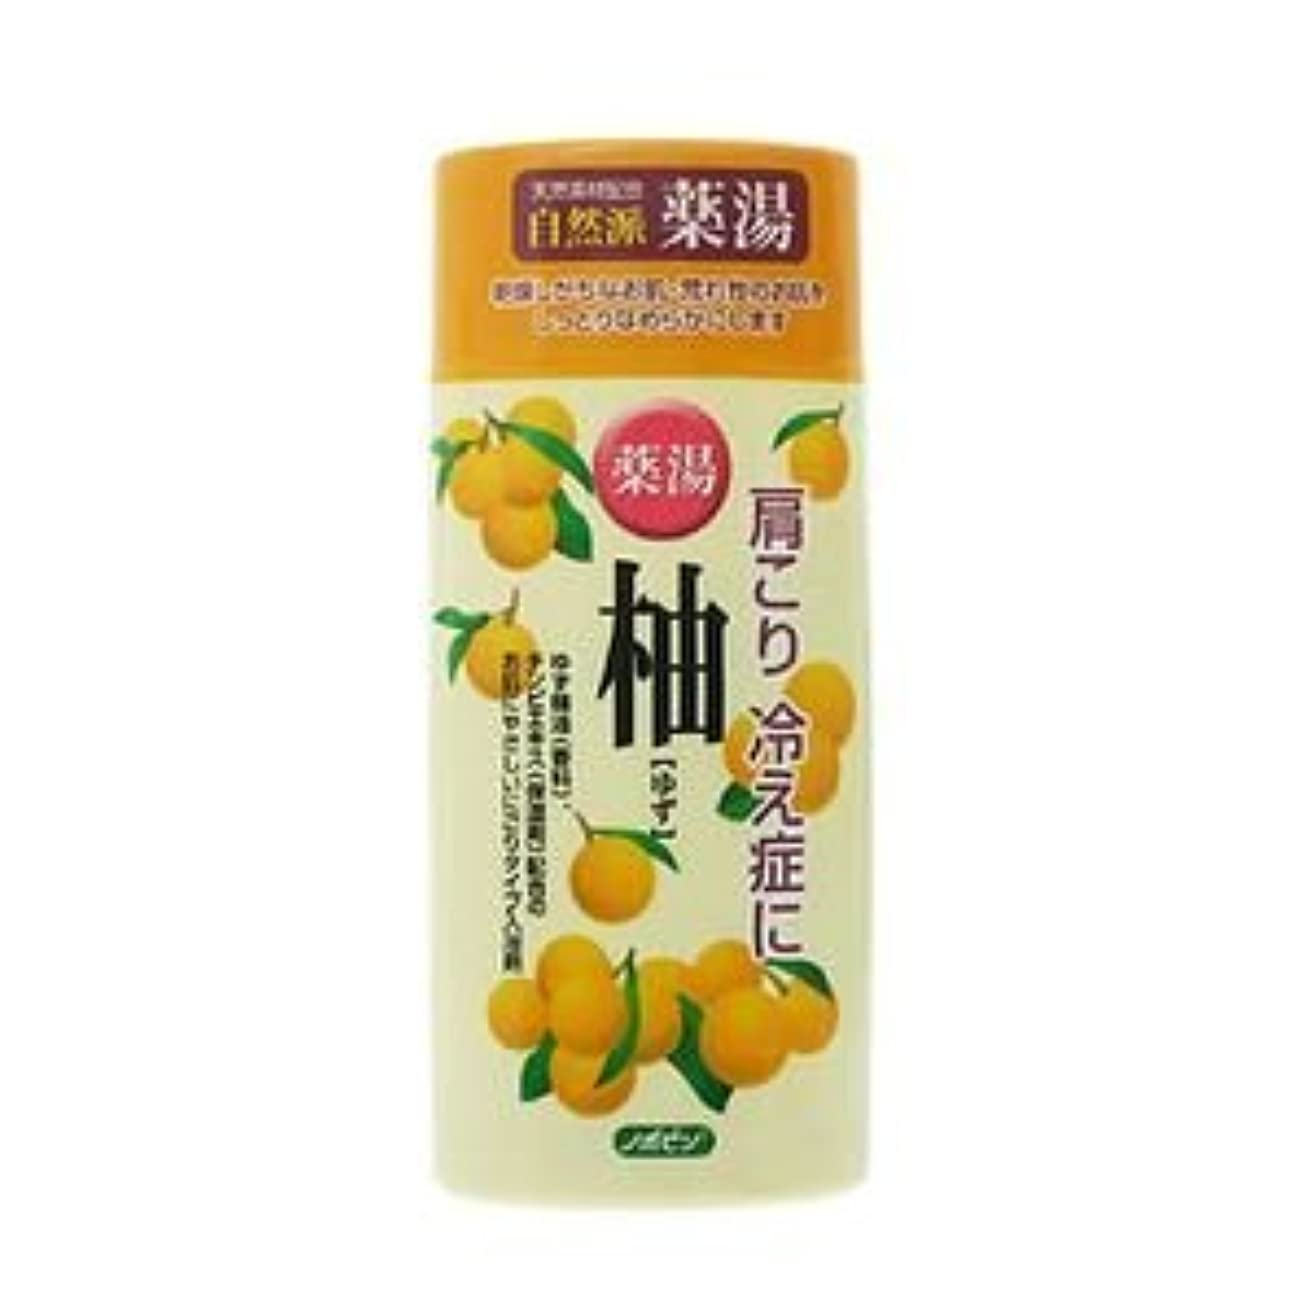 地震倫理的に付ける紀陽除虫菊 ノボピン 薬湯 柚 ゆず(にごり湯) 480gボトル【まとめ買い20個セット】 N-0018